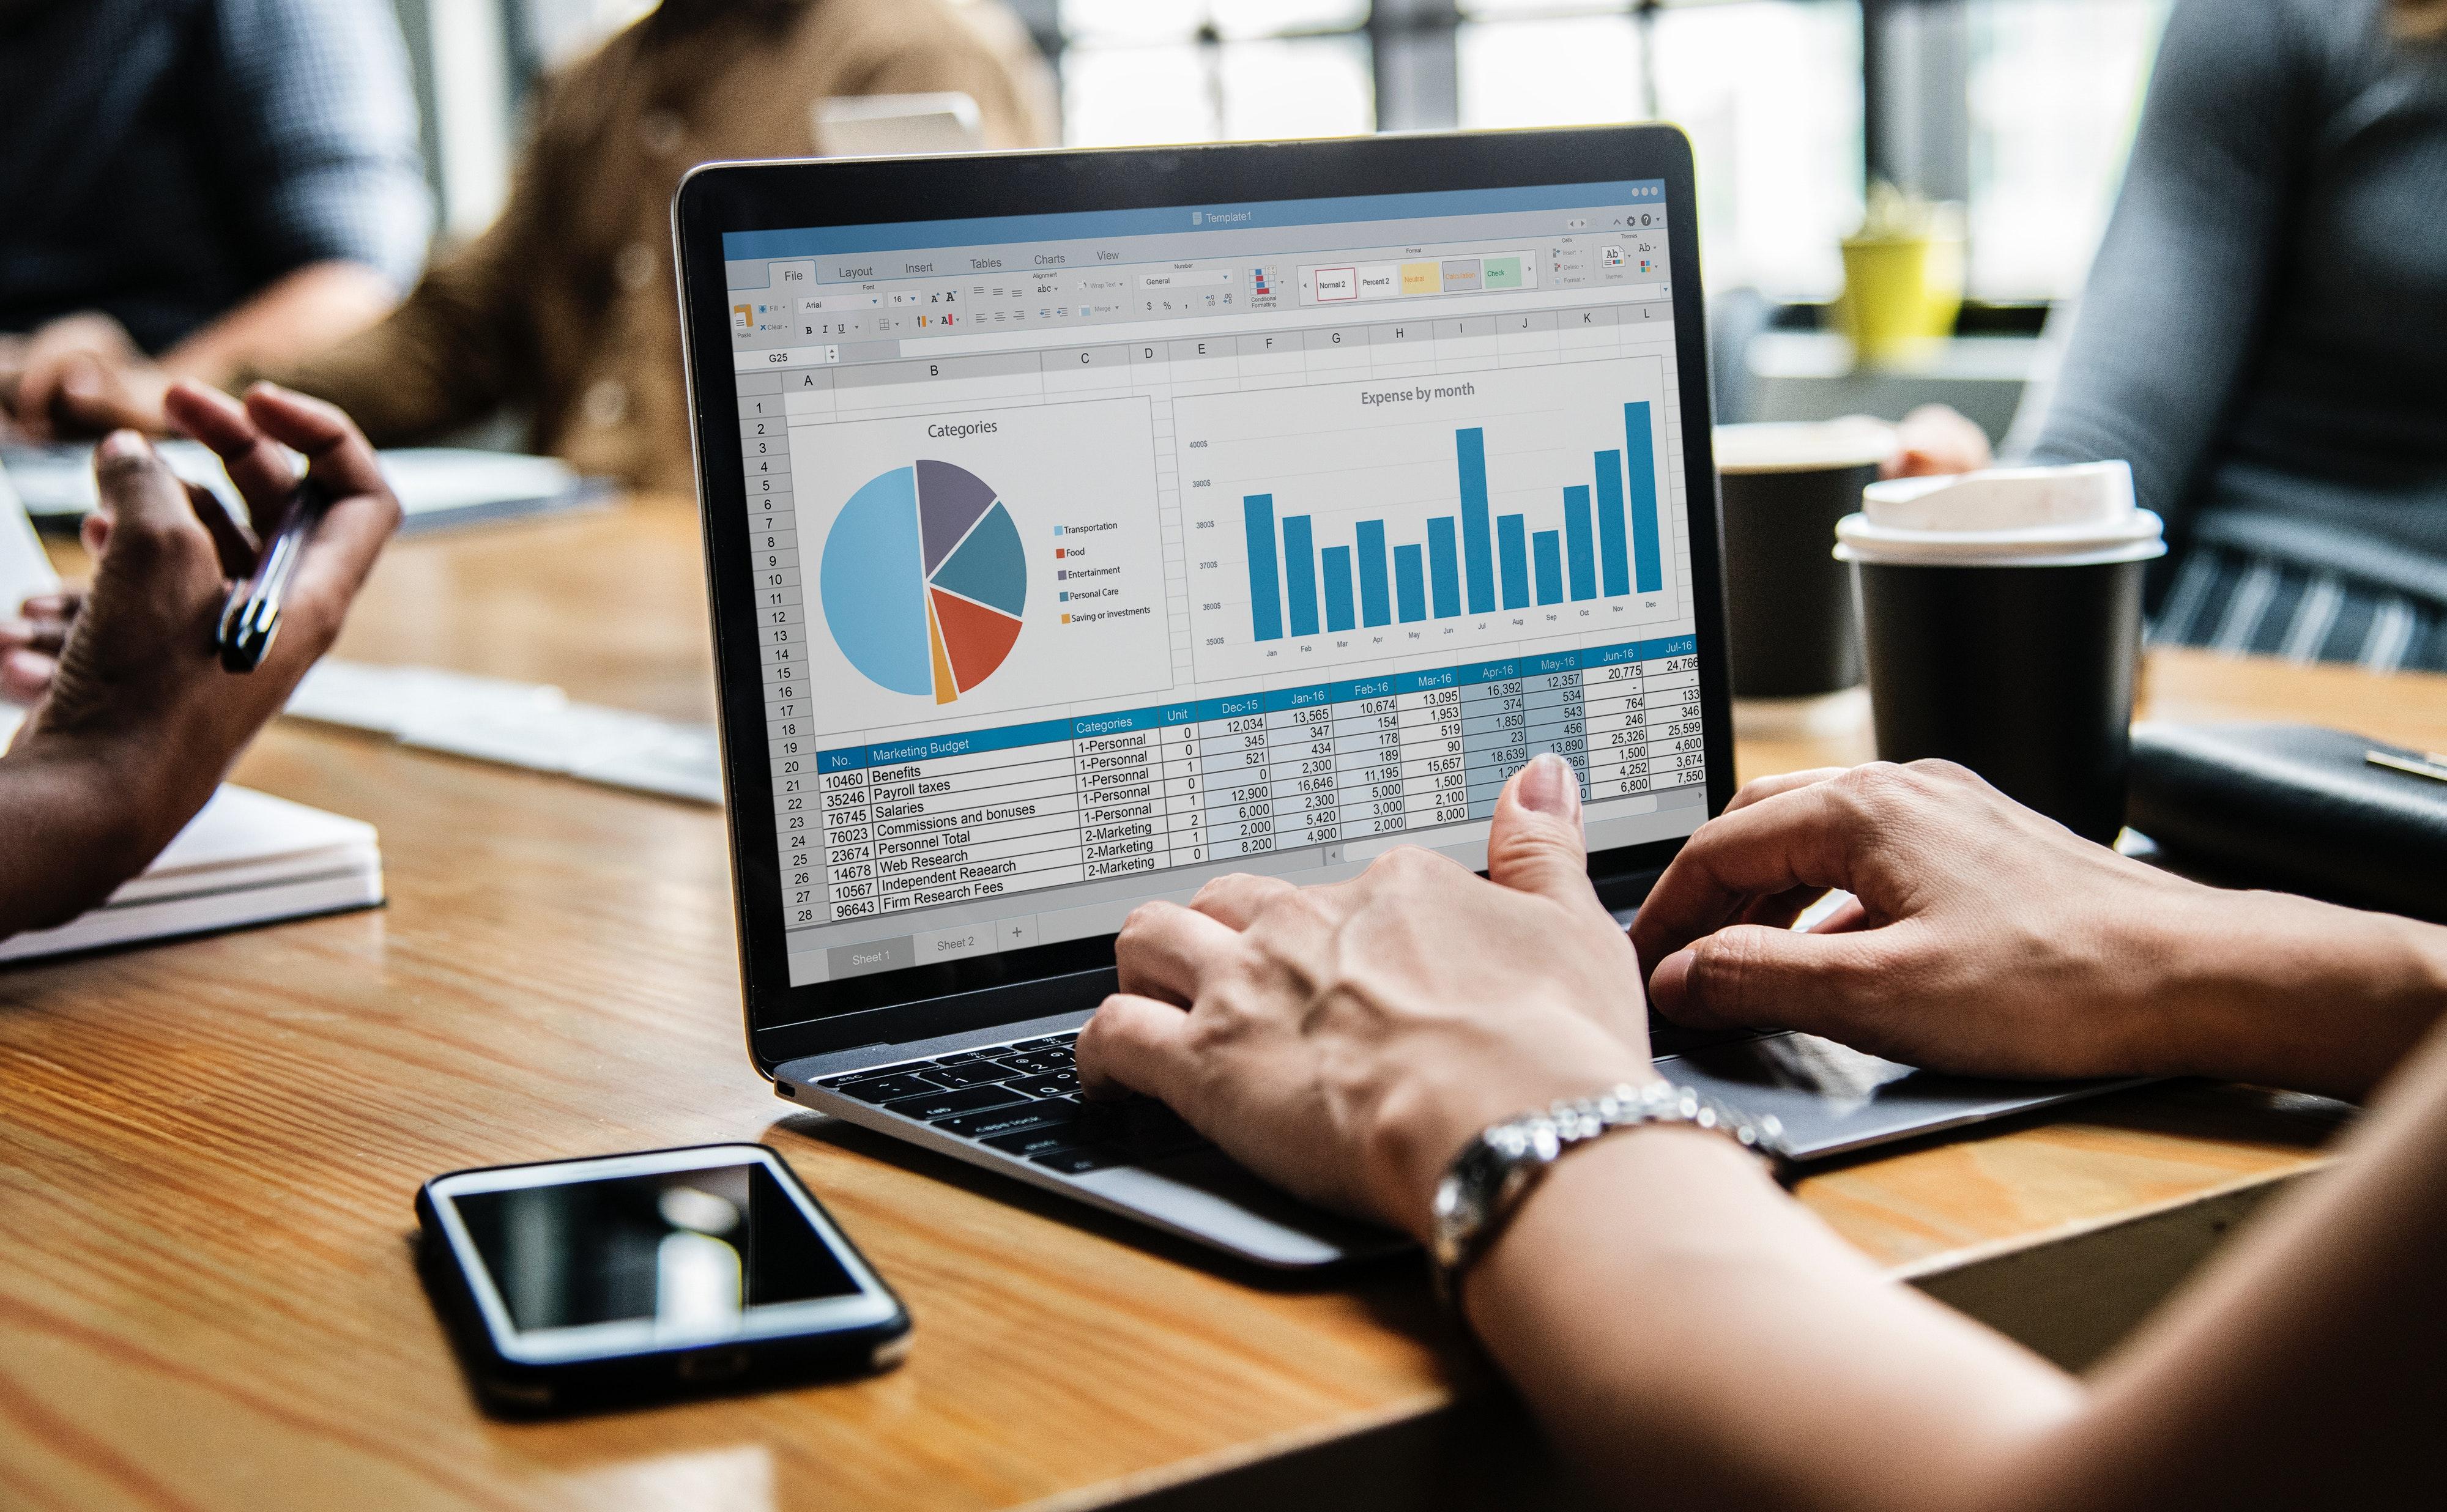 Digitalizarea printr-o soluție ERP